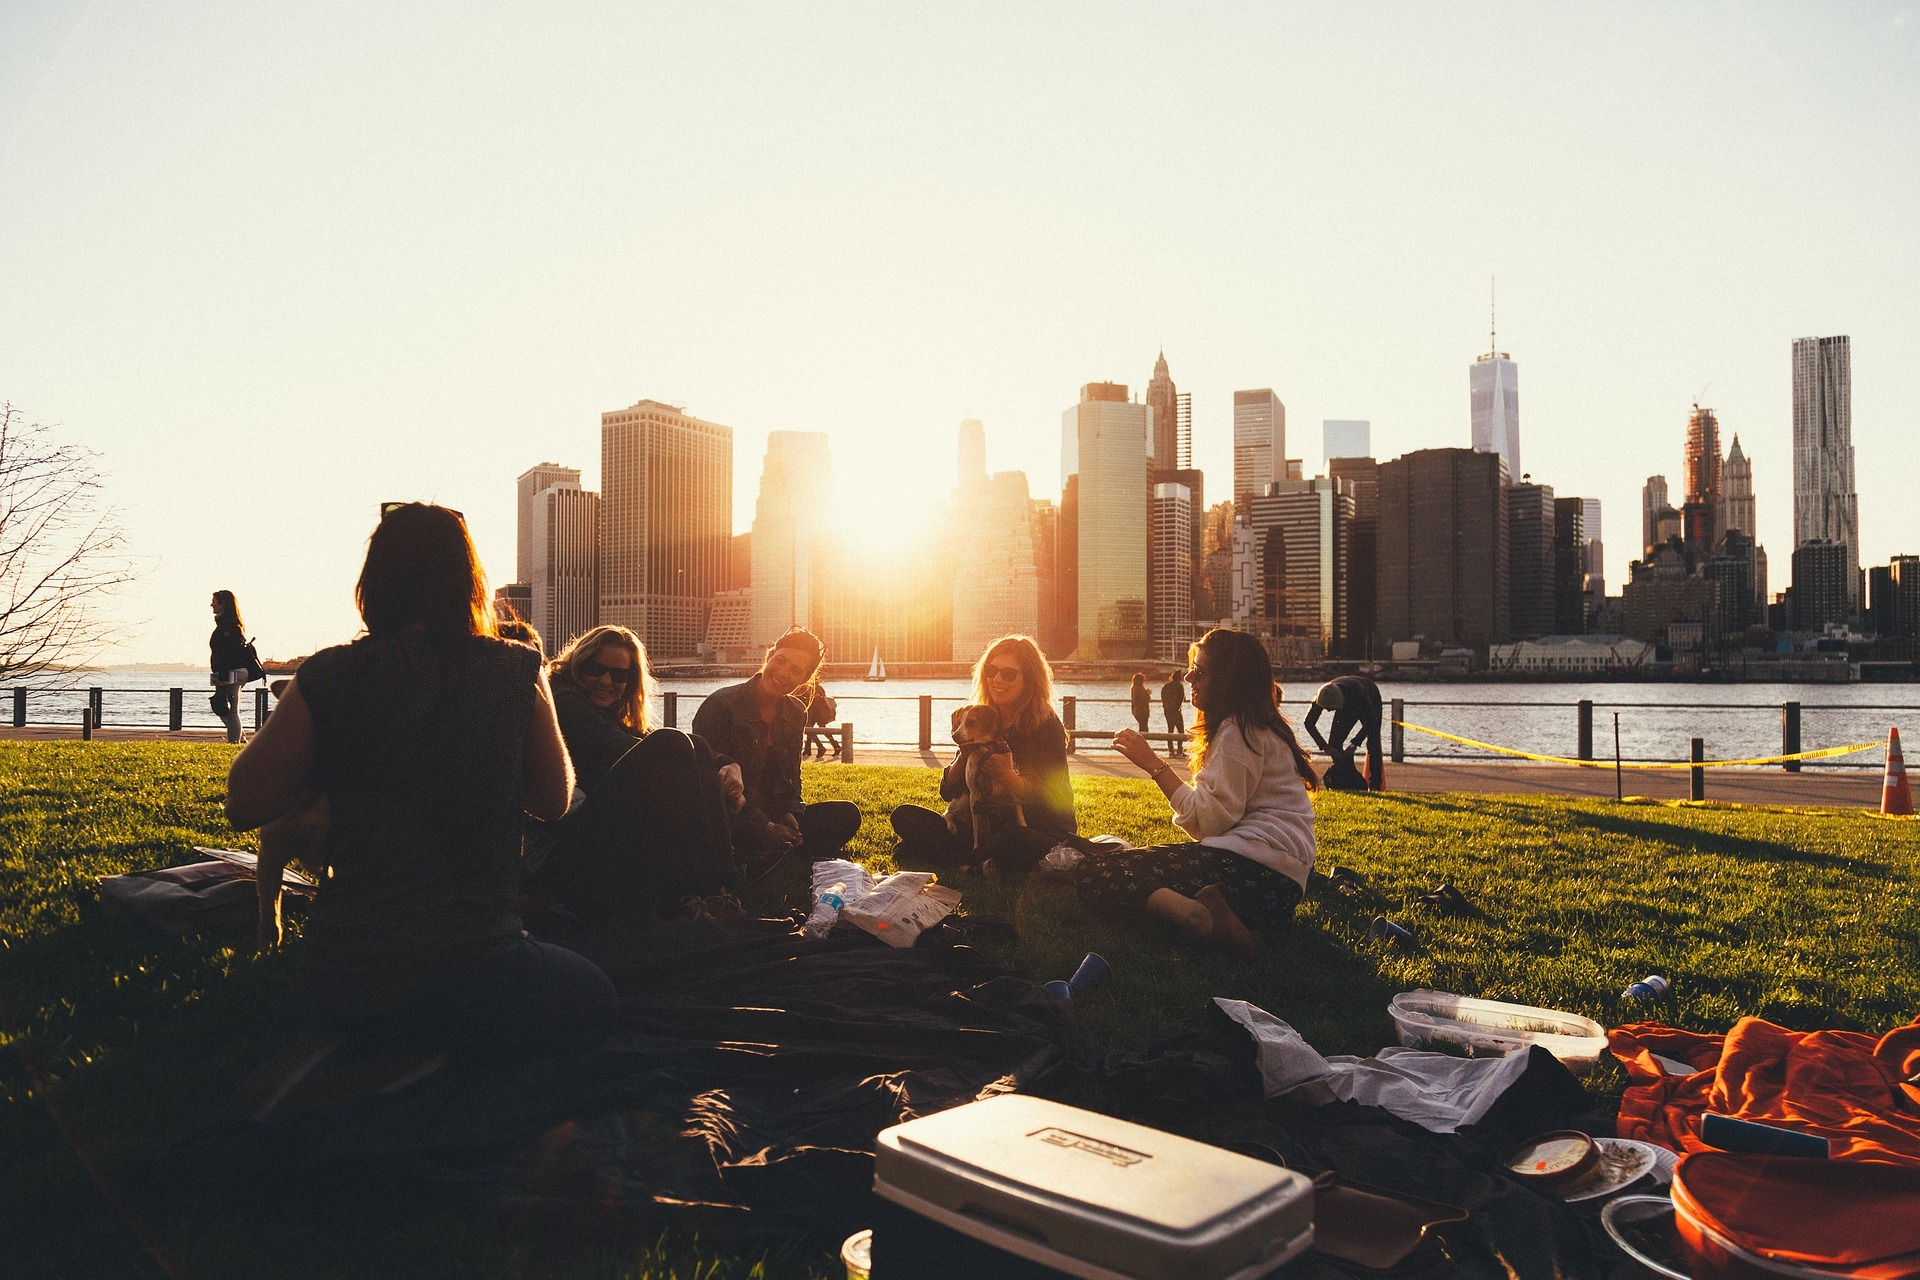 """30 edle Weisheiten aus dem Buch """"Wie man Freunde gewinnt"""""""